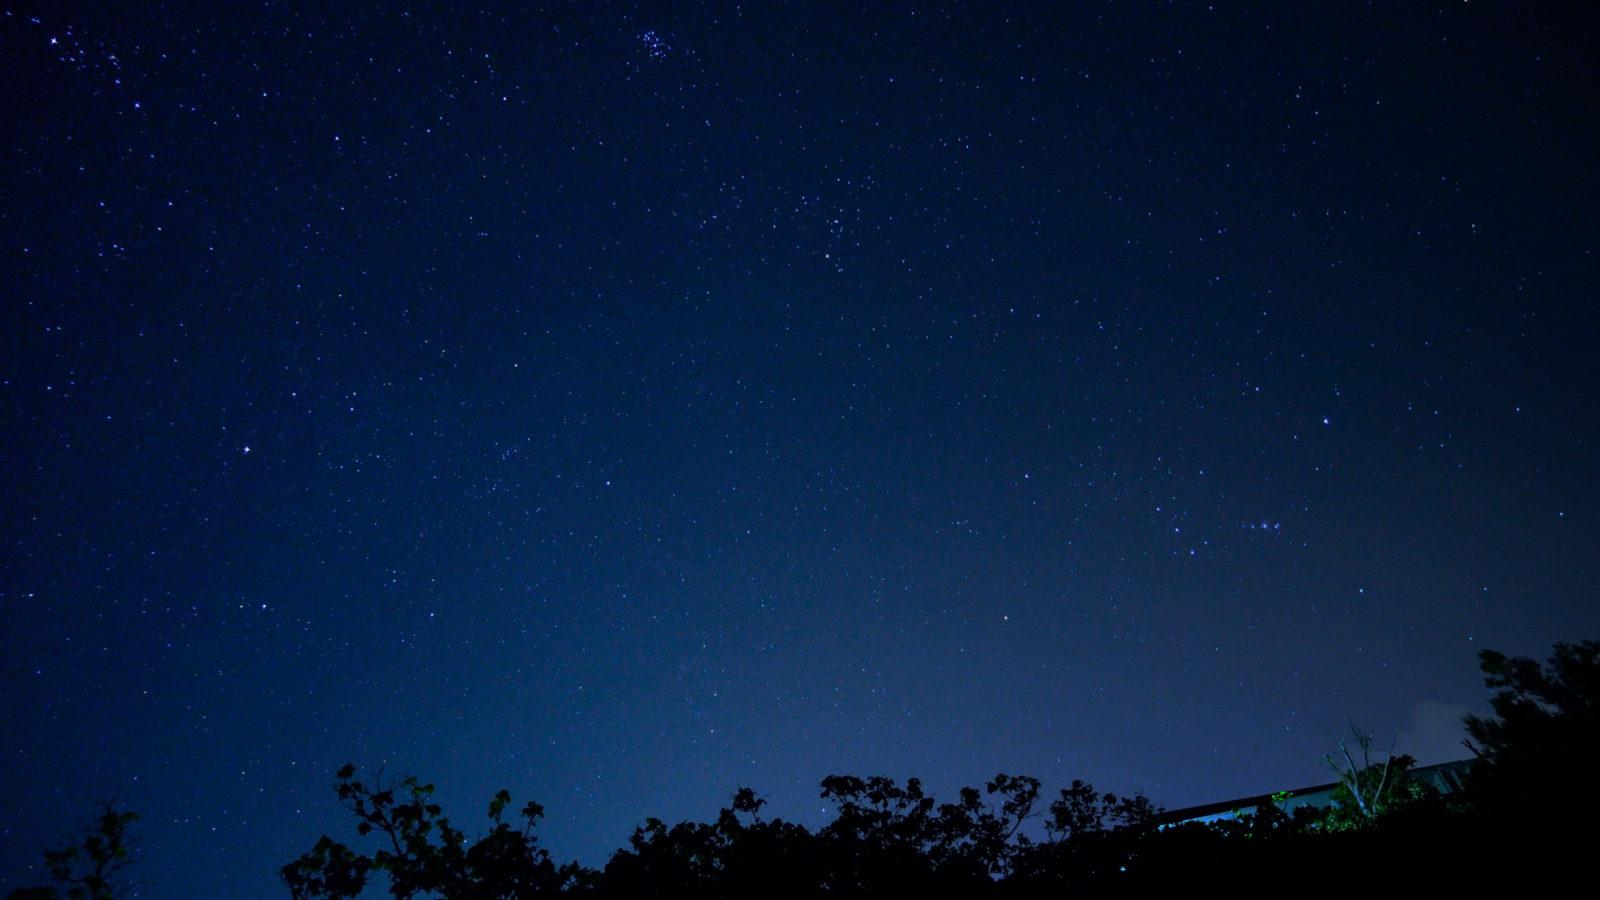 東京で星が綺麗に見える場所。そこは静寂に包まれた森の中、聞こえるのは川のせせらぎだけ。